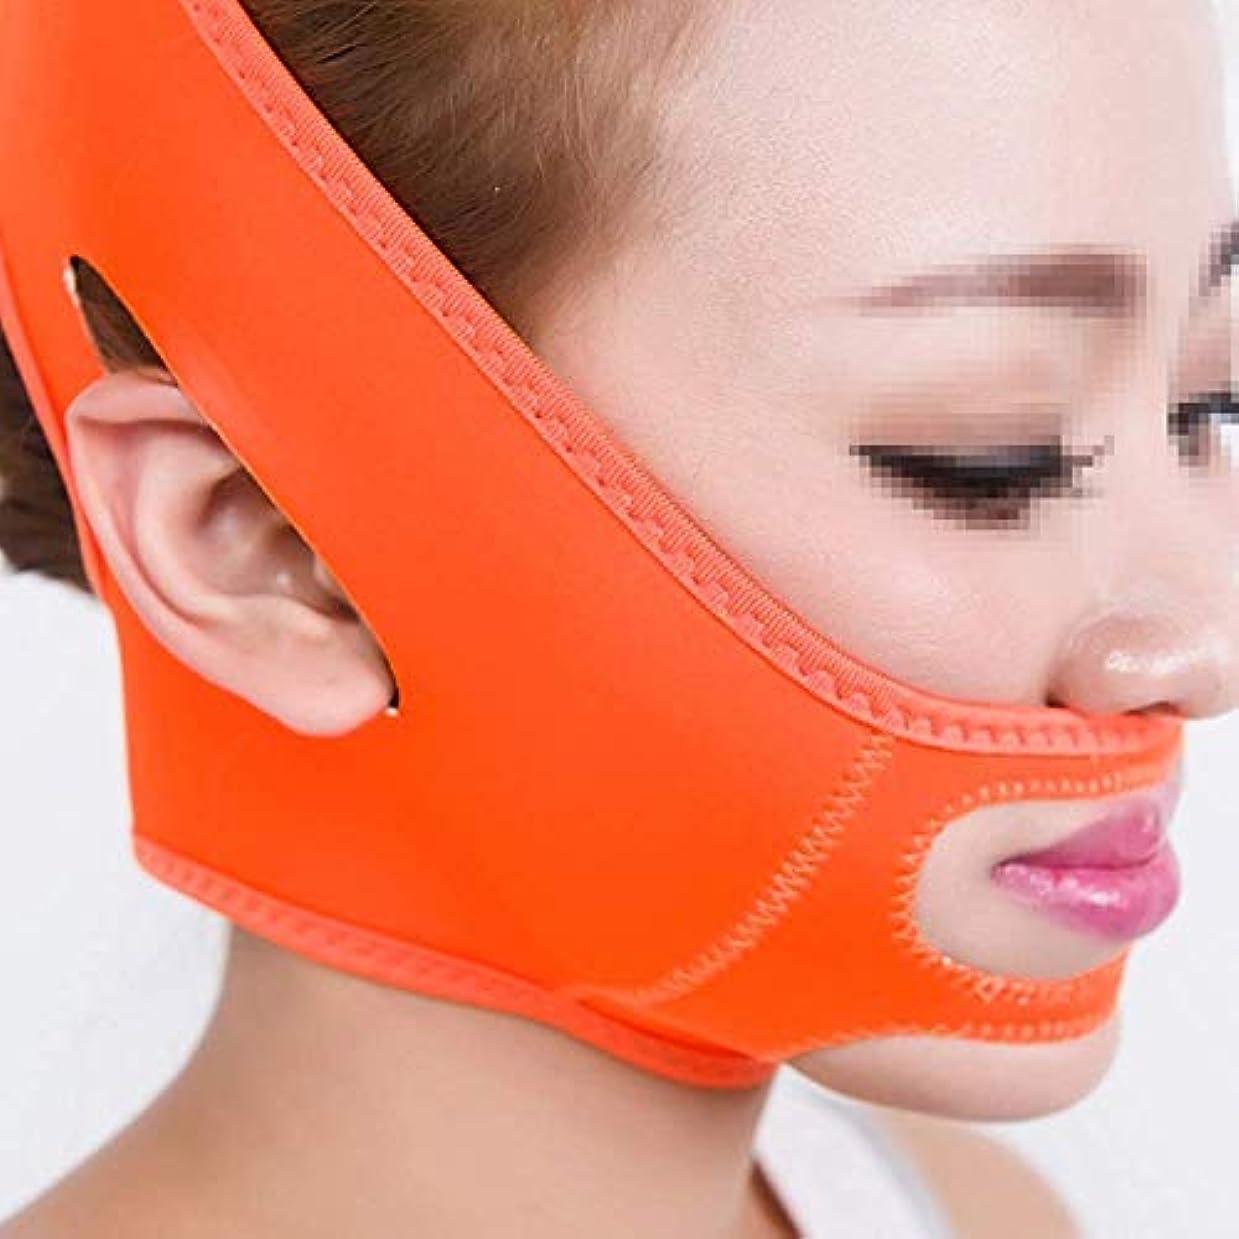 表現賛美歌キャリッジ薄いフェイスベルト、Vフェイス、スリープマスク包帯、リフティングフェイス、ダブルチンフェイスマスク、マルチカラーオプション(色:オレンジ)